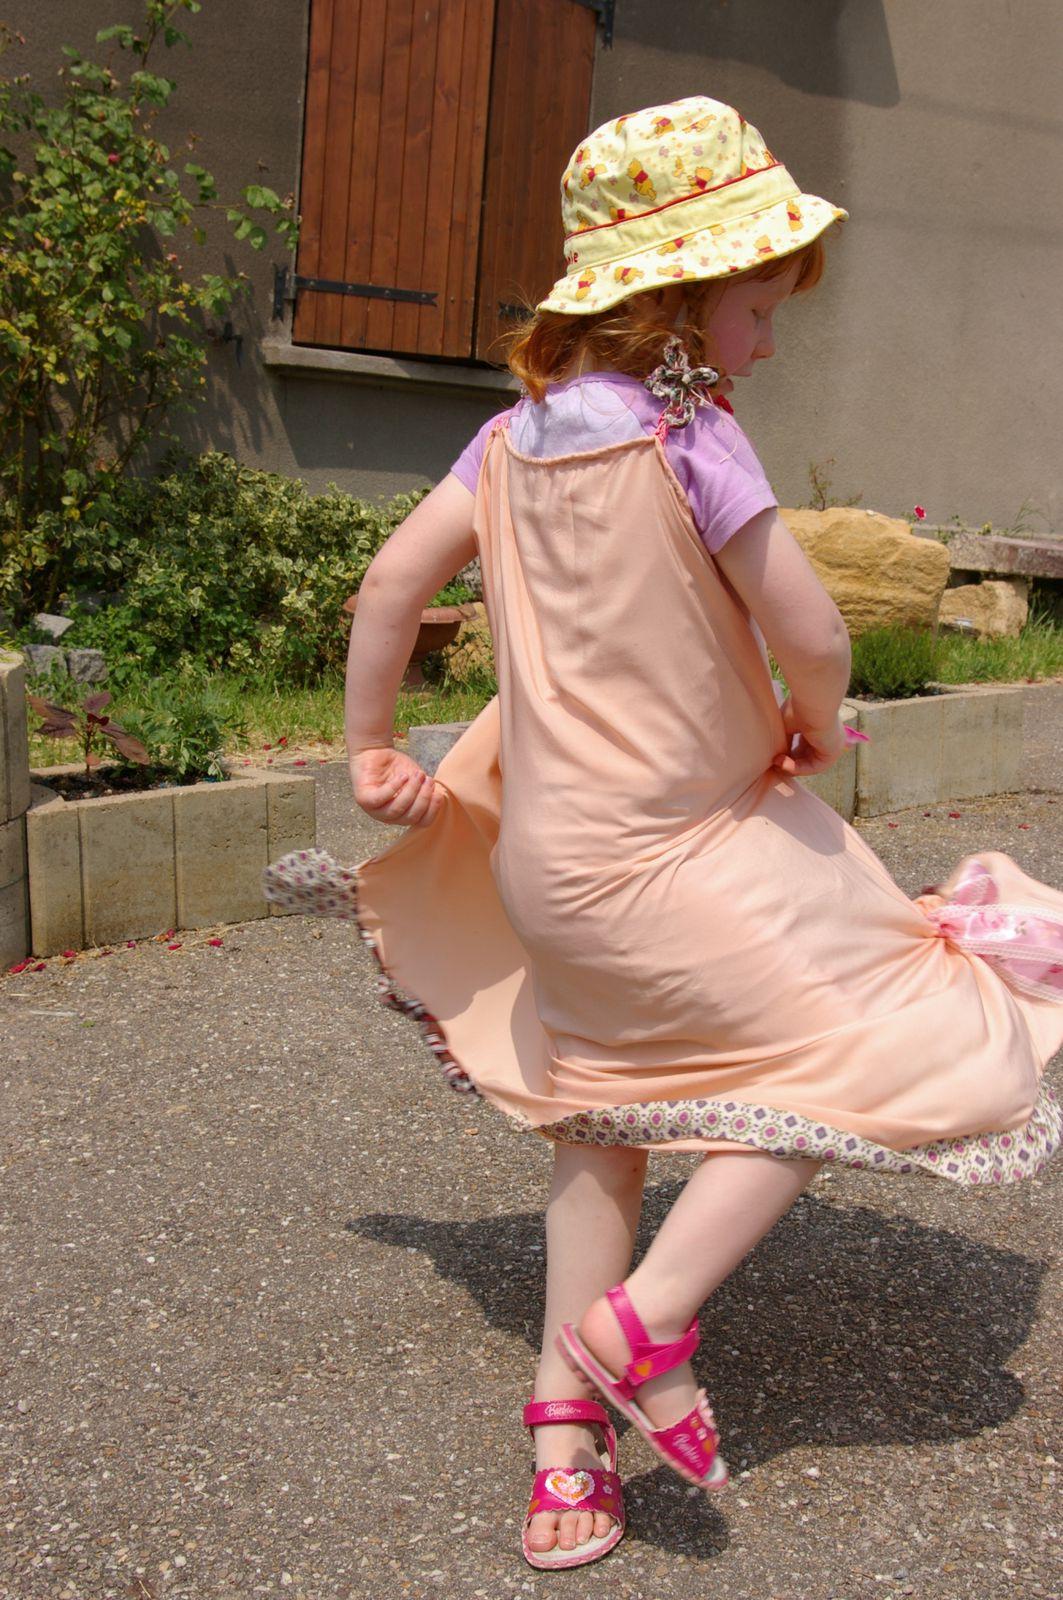 Des coulisses au spectacle de Danse Libre sur la place du village à Béchy. Présentation de la danseuse Eva dans sa robe de princesse.